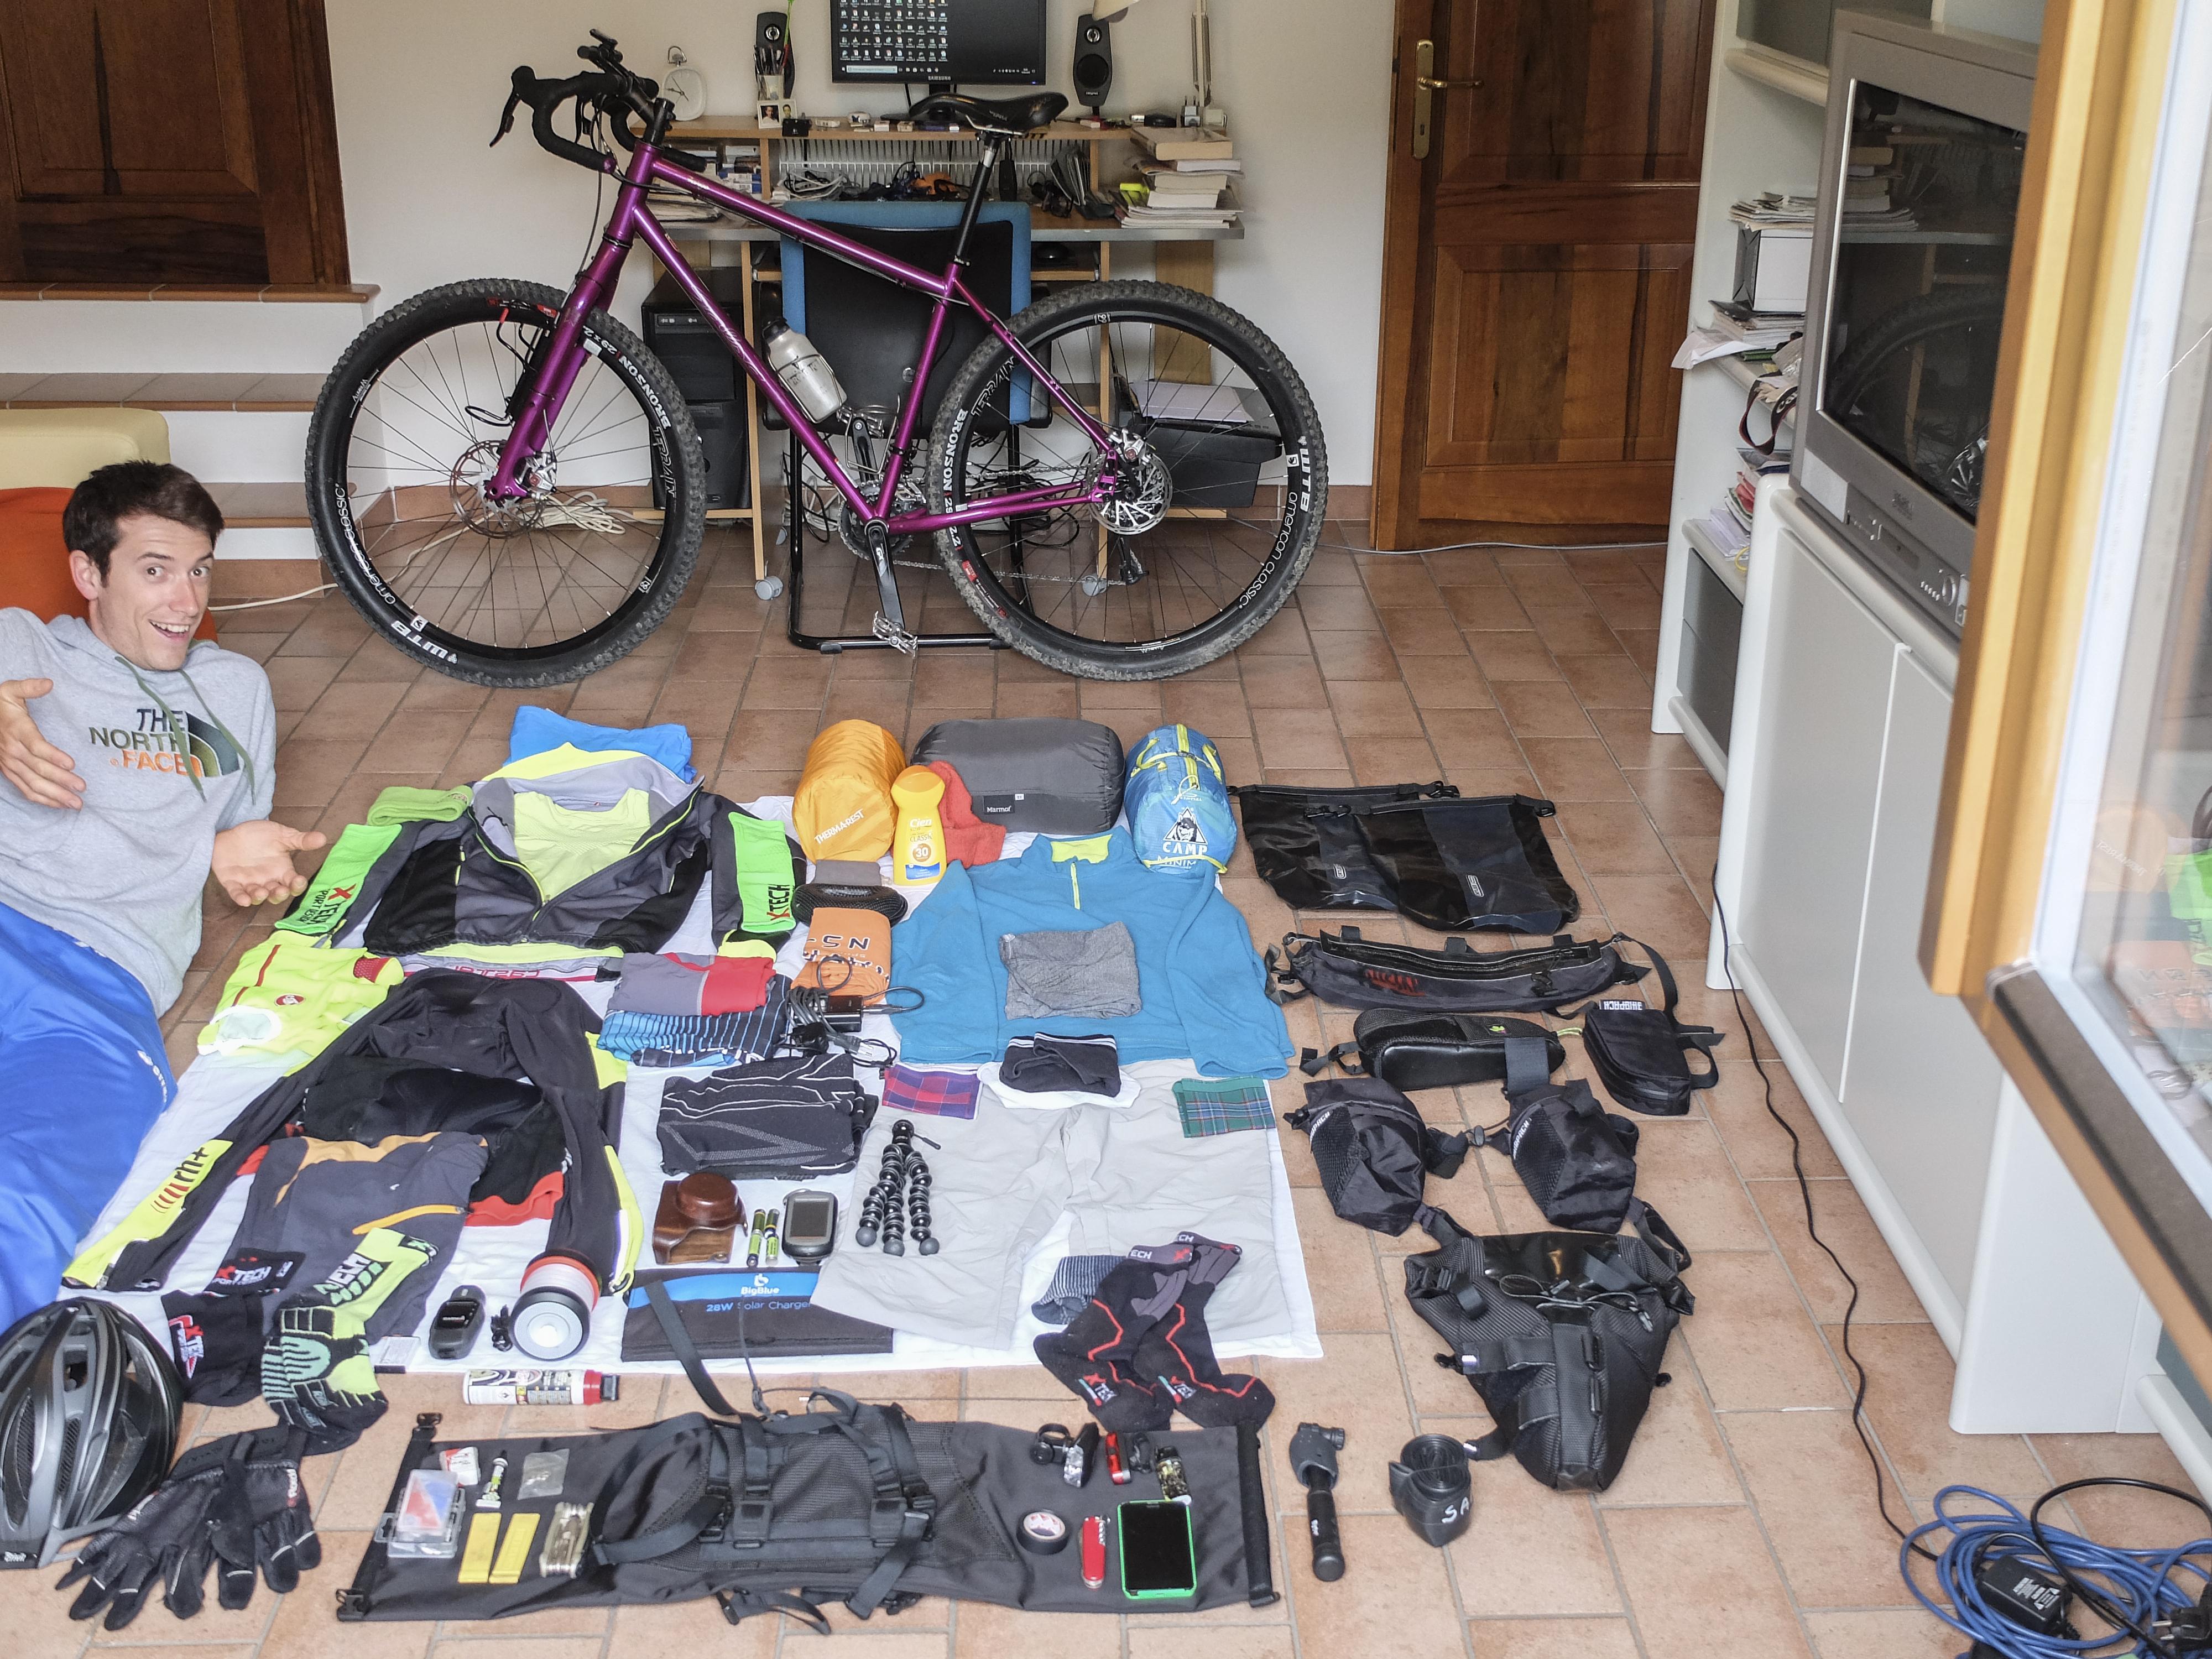 Cuscino Da Viaggio Gonfiabile Decathlon.Bikepacking Dalla A Alla Z Guida Completa Per Cicloviaggiatori